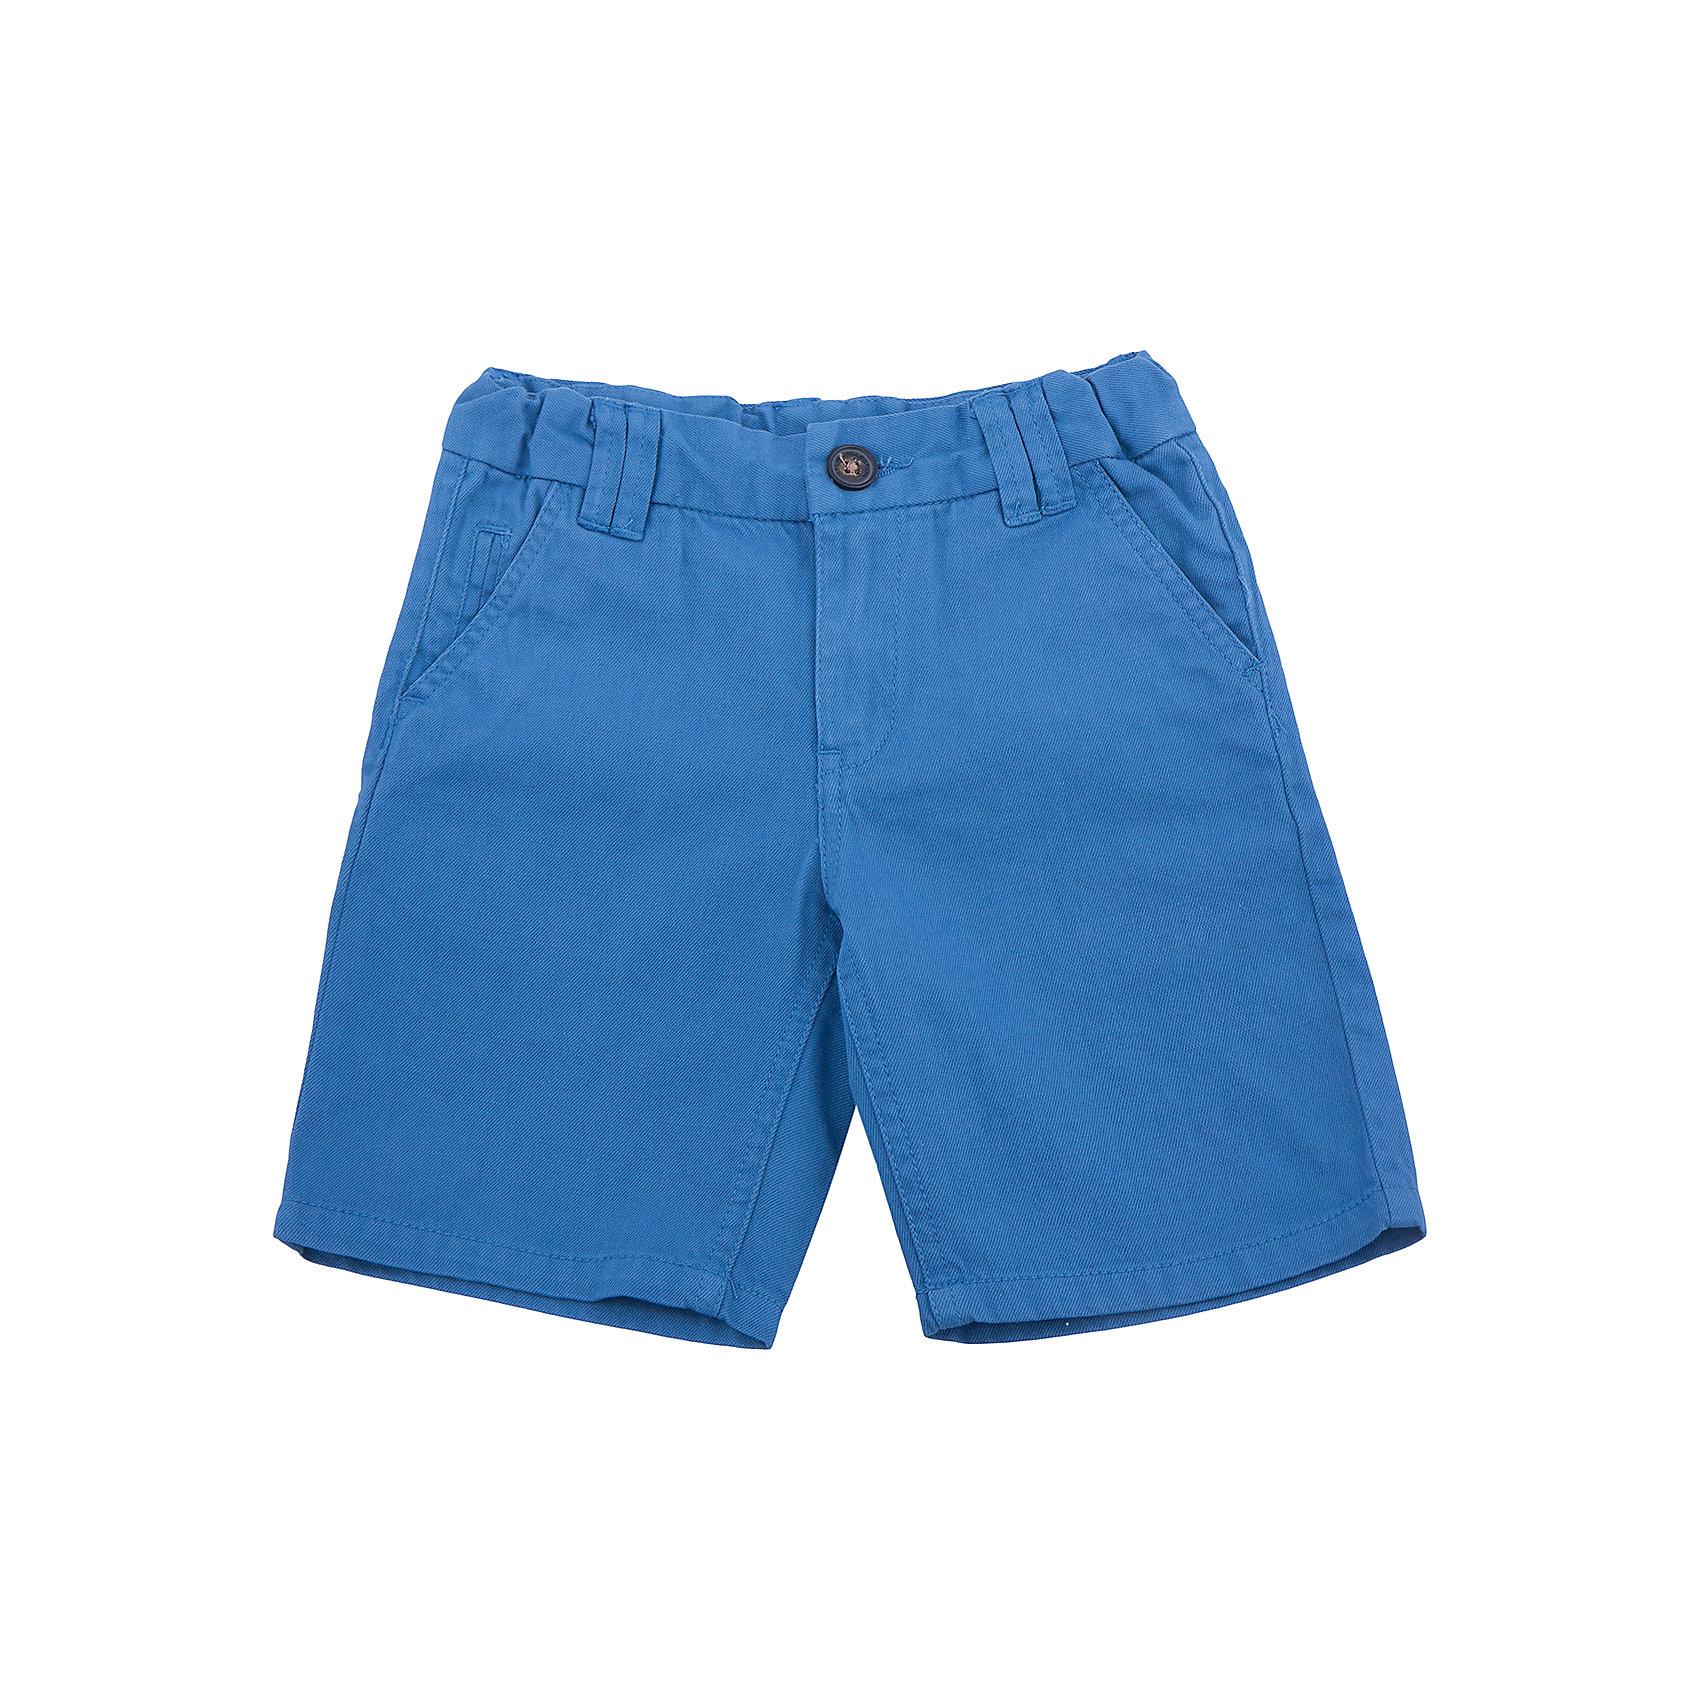 Шорты для мальчика SELAШорты, бриджи, капри<br>Характеристики товара:<br><br>• цвет: синий<br>• состав: 100% хлопок<br>• легкий материал<br>• застежка - пуговица<br>• длина до колена<br>• шлевки<br>• страна бренда: Россия<br><br>Вещи из новой коллекции SELA продолжают радовать удобством! Легкие шорты для мальчика помогут разнообразить гардероб ребенка и обеспечить комфорт. Они отлично сочетаются с майками и футболками. <br><br>Одежда, обувь и аксессуары от российского бренда SELA не зря пользуются большой популярностью у детей и взрослых! Модели этой марки - стильные и удобные, цена при этом неизменно остается доступной. Для их производства используются только безопасные, качественные материалы и фурнитура. Новая коллекция поддерживает хорошие традиции бренда! <br><br>Шорты для мальчика от популярного бренда SELA (СЕЛА) можно купить в нашем интернет-магазине.<br><br>Ширина мм: 191<br>Глубина мм: 10<br>Высота мм: 175<br>Вес г: 273<br>Цвет: синий<br>Возраст от месяцев: 60<br>Возраст до месяцев: 72<br>Пол: Мужской<br>Возраст: Детский<br>Размер: 116,92,98,104,110<br>SKU: 5302973